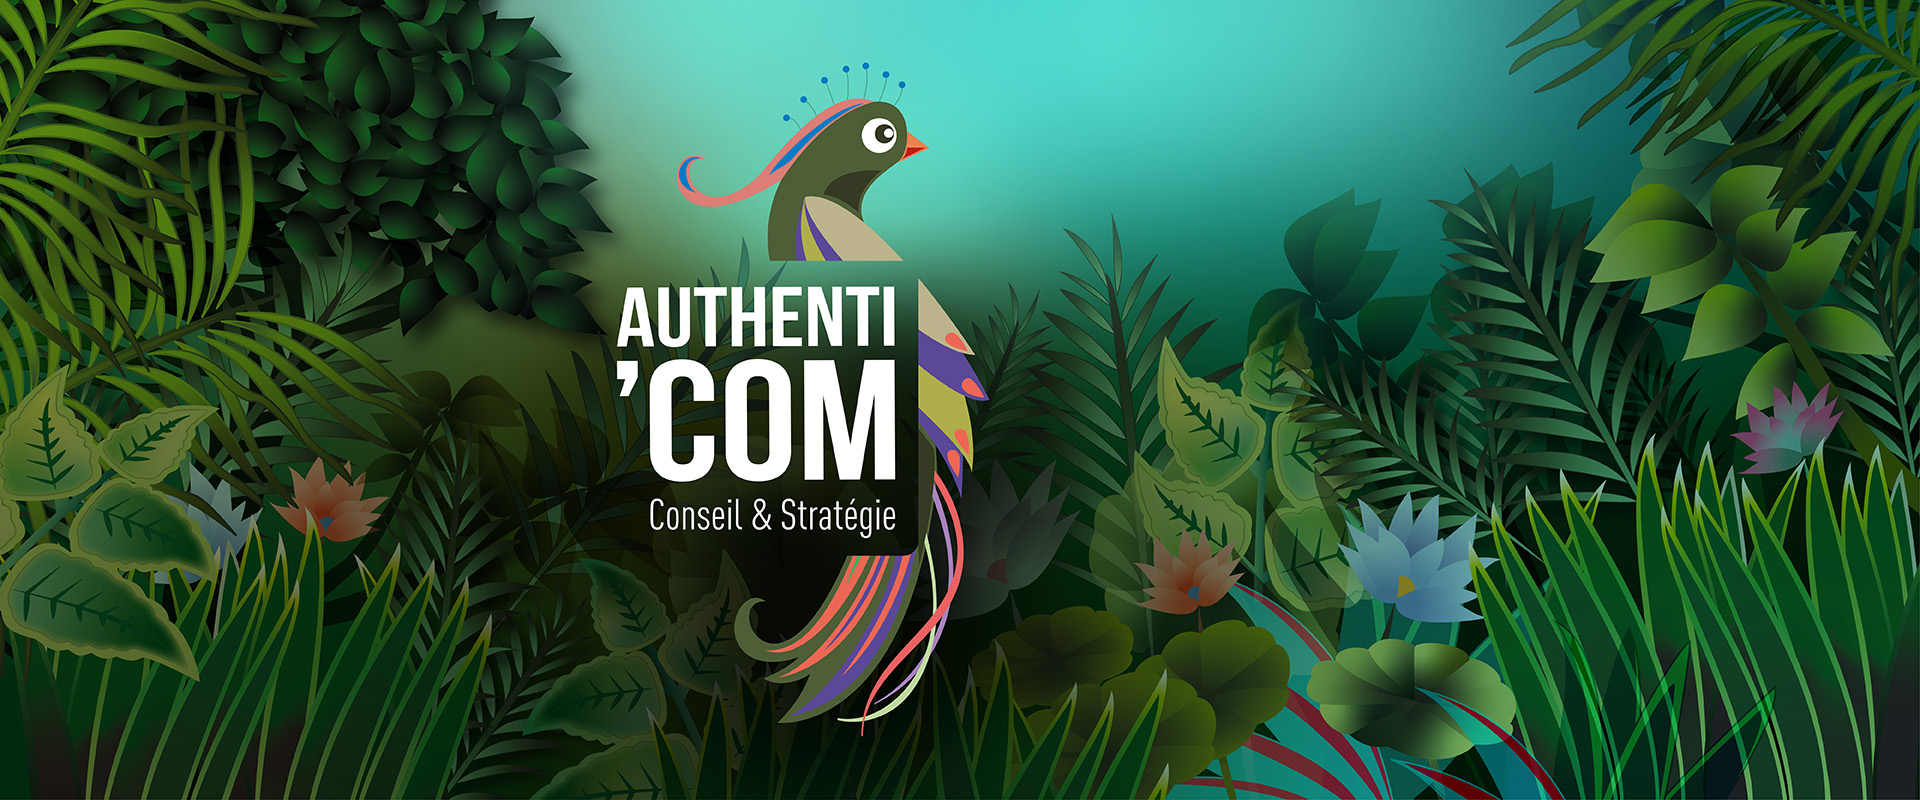 Authenti'com conseil et stratégie